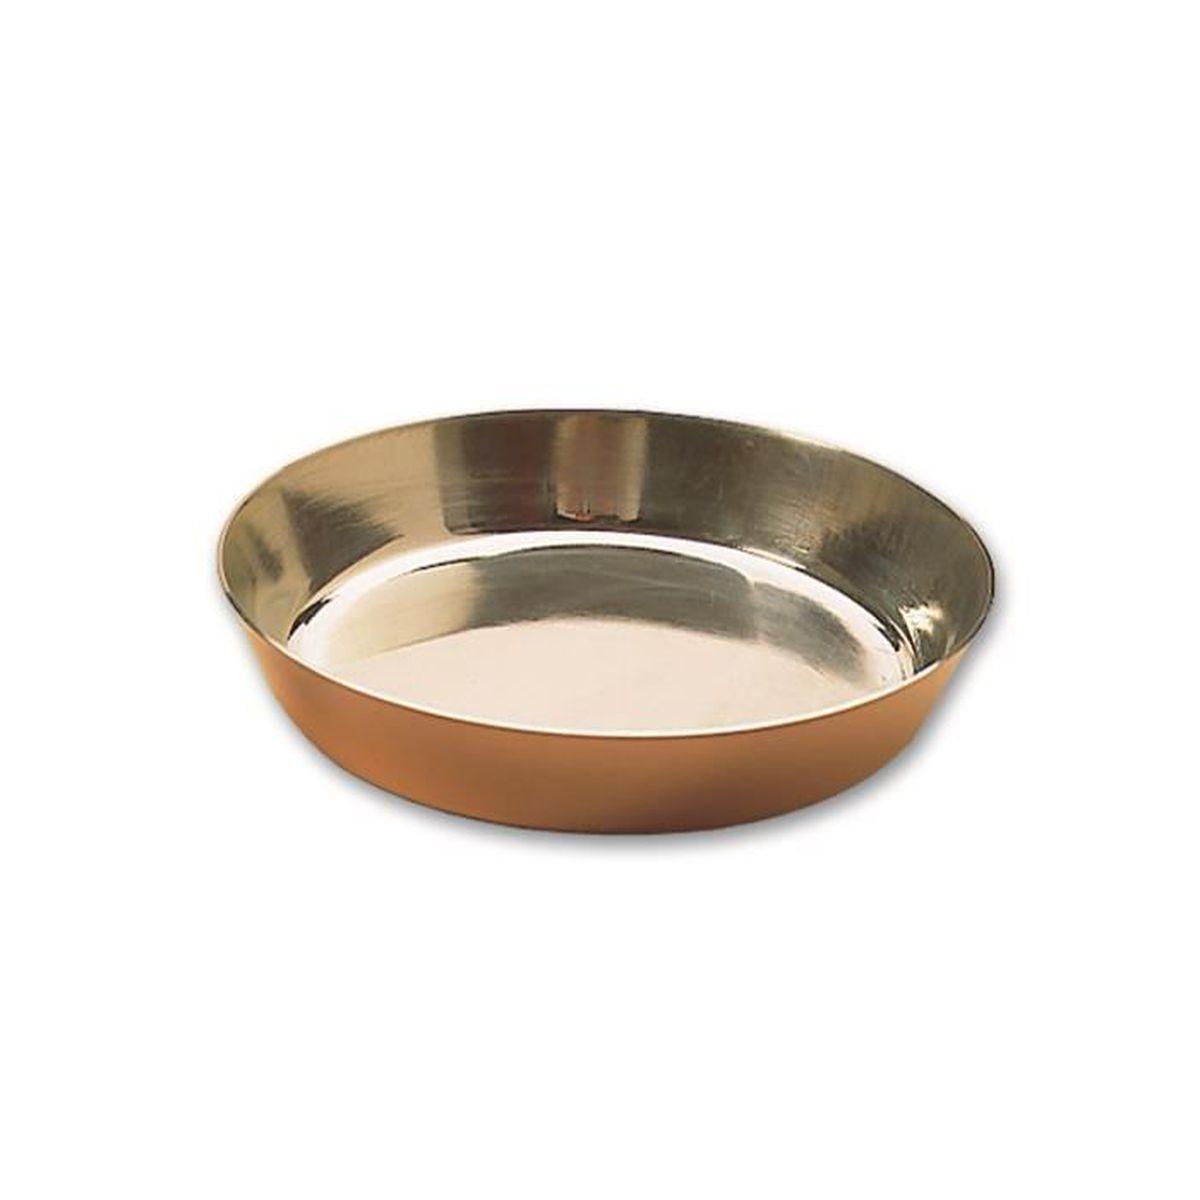 Moule A Tartelette Professionnel moule professionnel à tarte tatin en cuivre uni, étamé intérieurement à 280  mm de diamétre